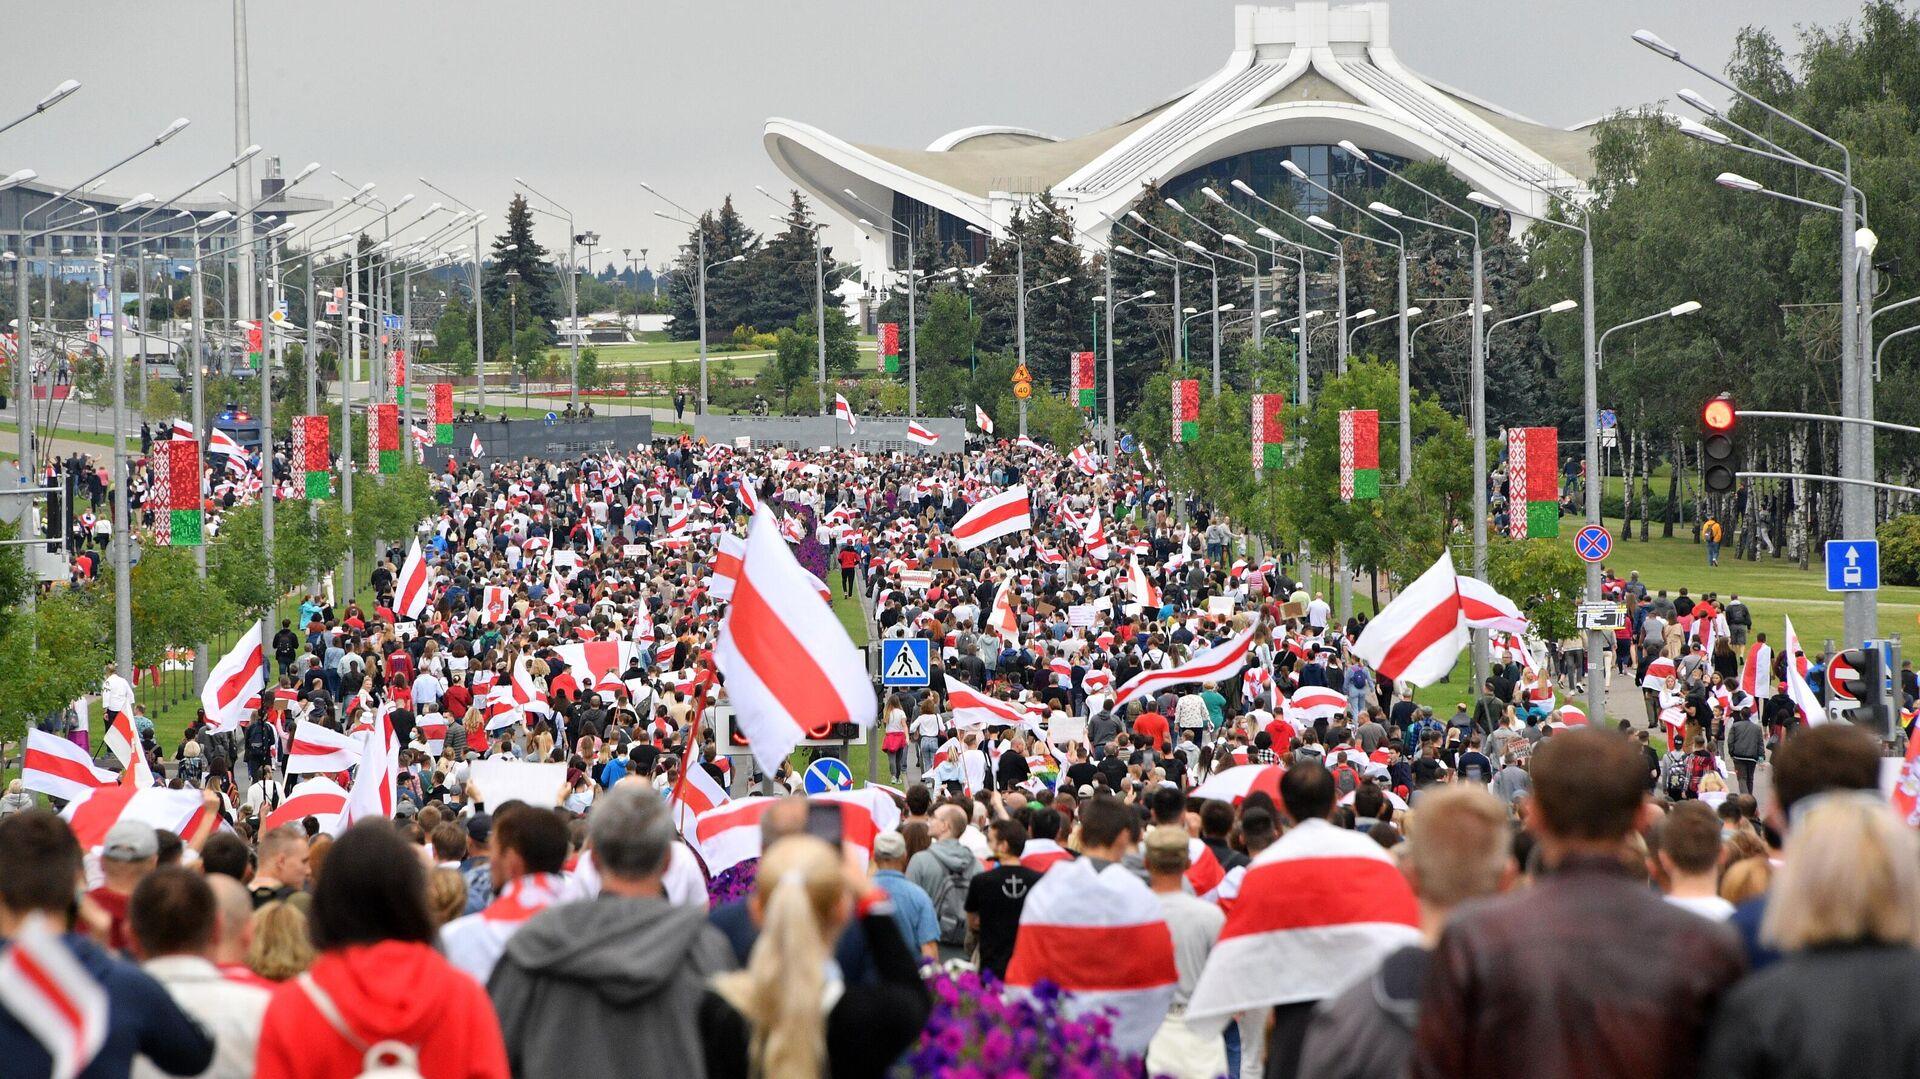 Участники несанкционированной акции оппозиции Марш единства в Минске - РИА Новости, 1920, 15.09.2020